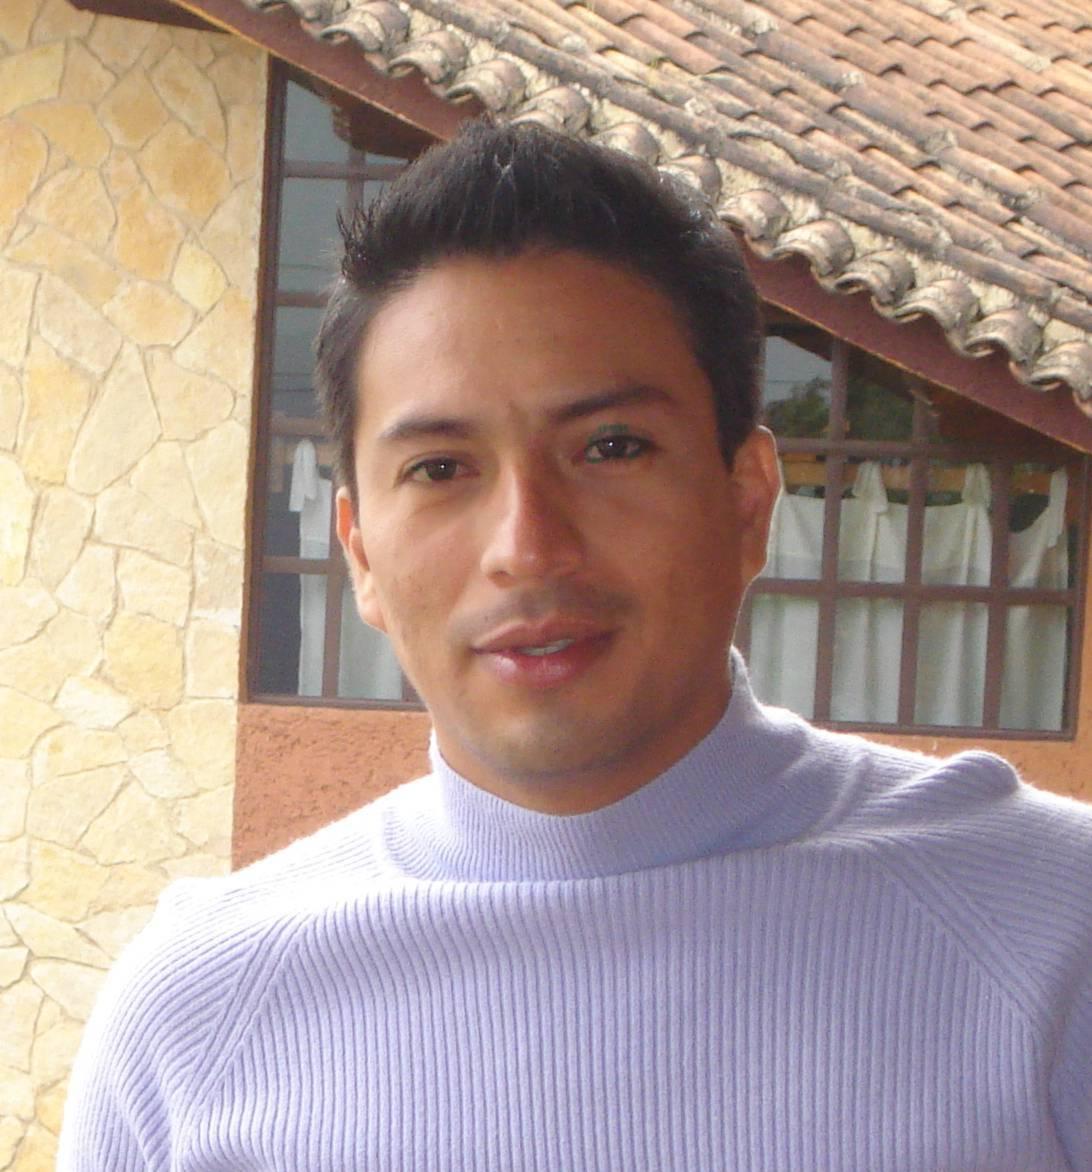 ADRIAN ALEJANDRO ALIAS ALFARO